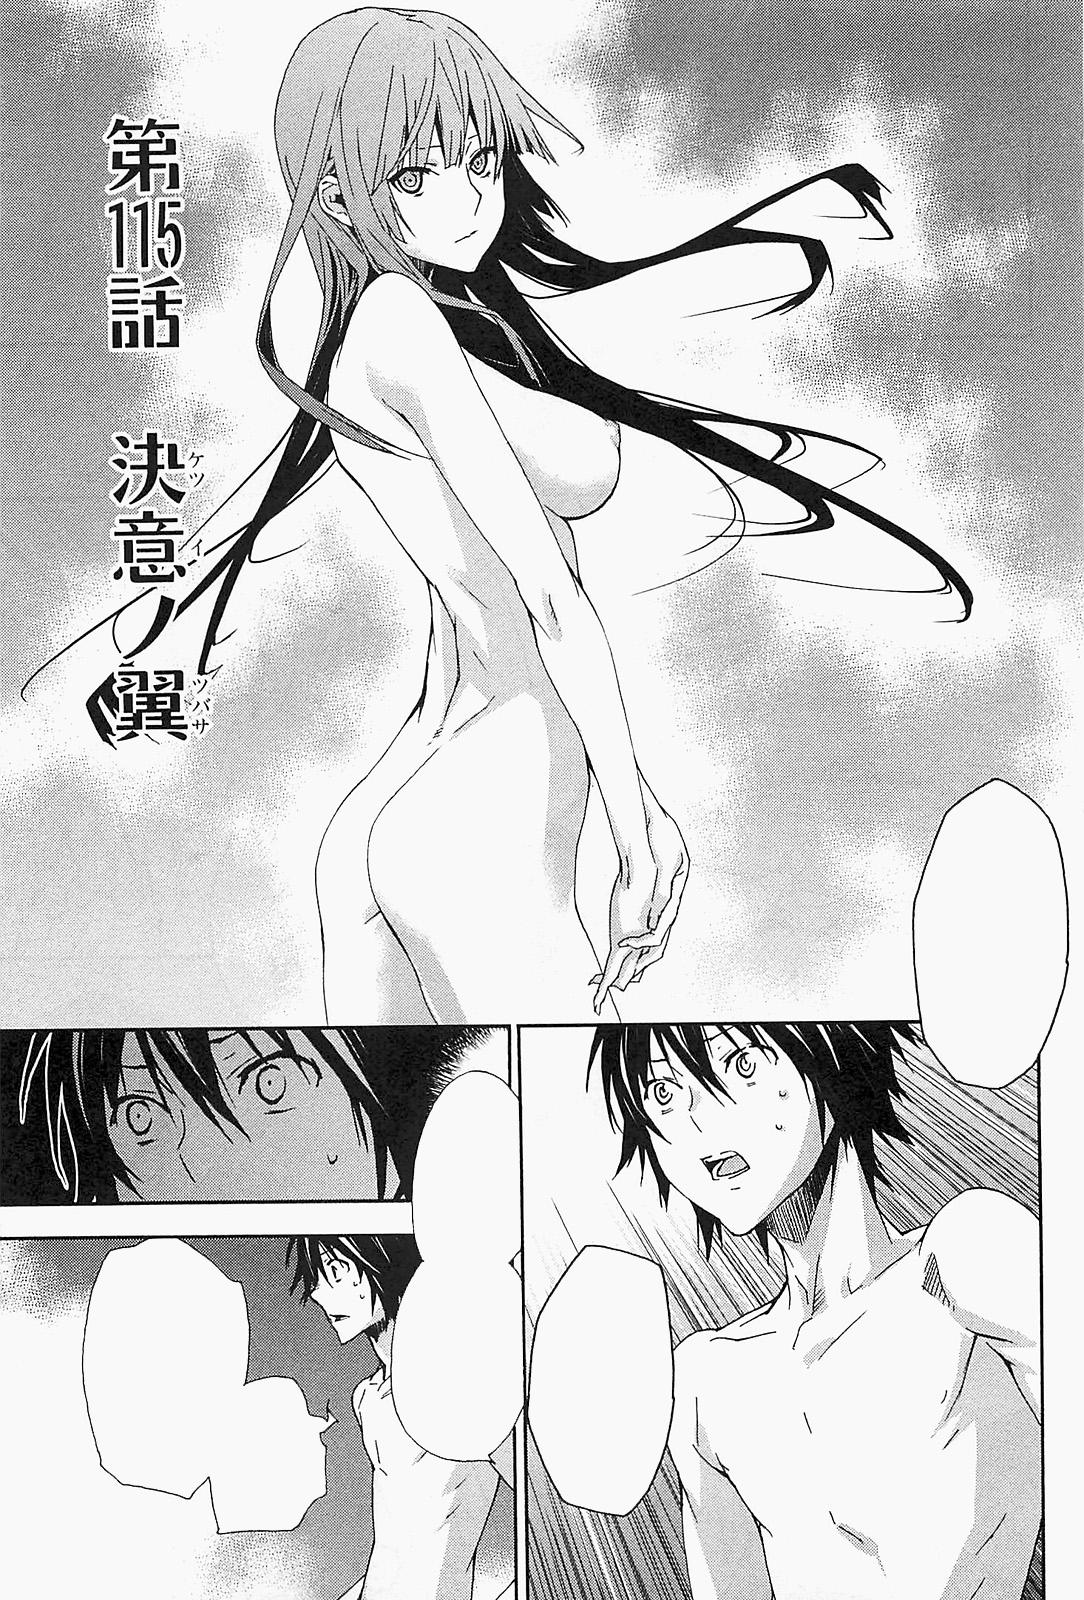 Sekirei manga chapter 115.jpg